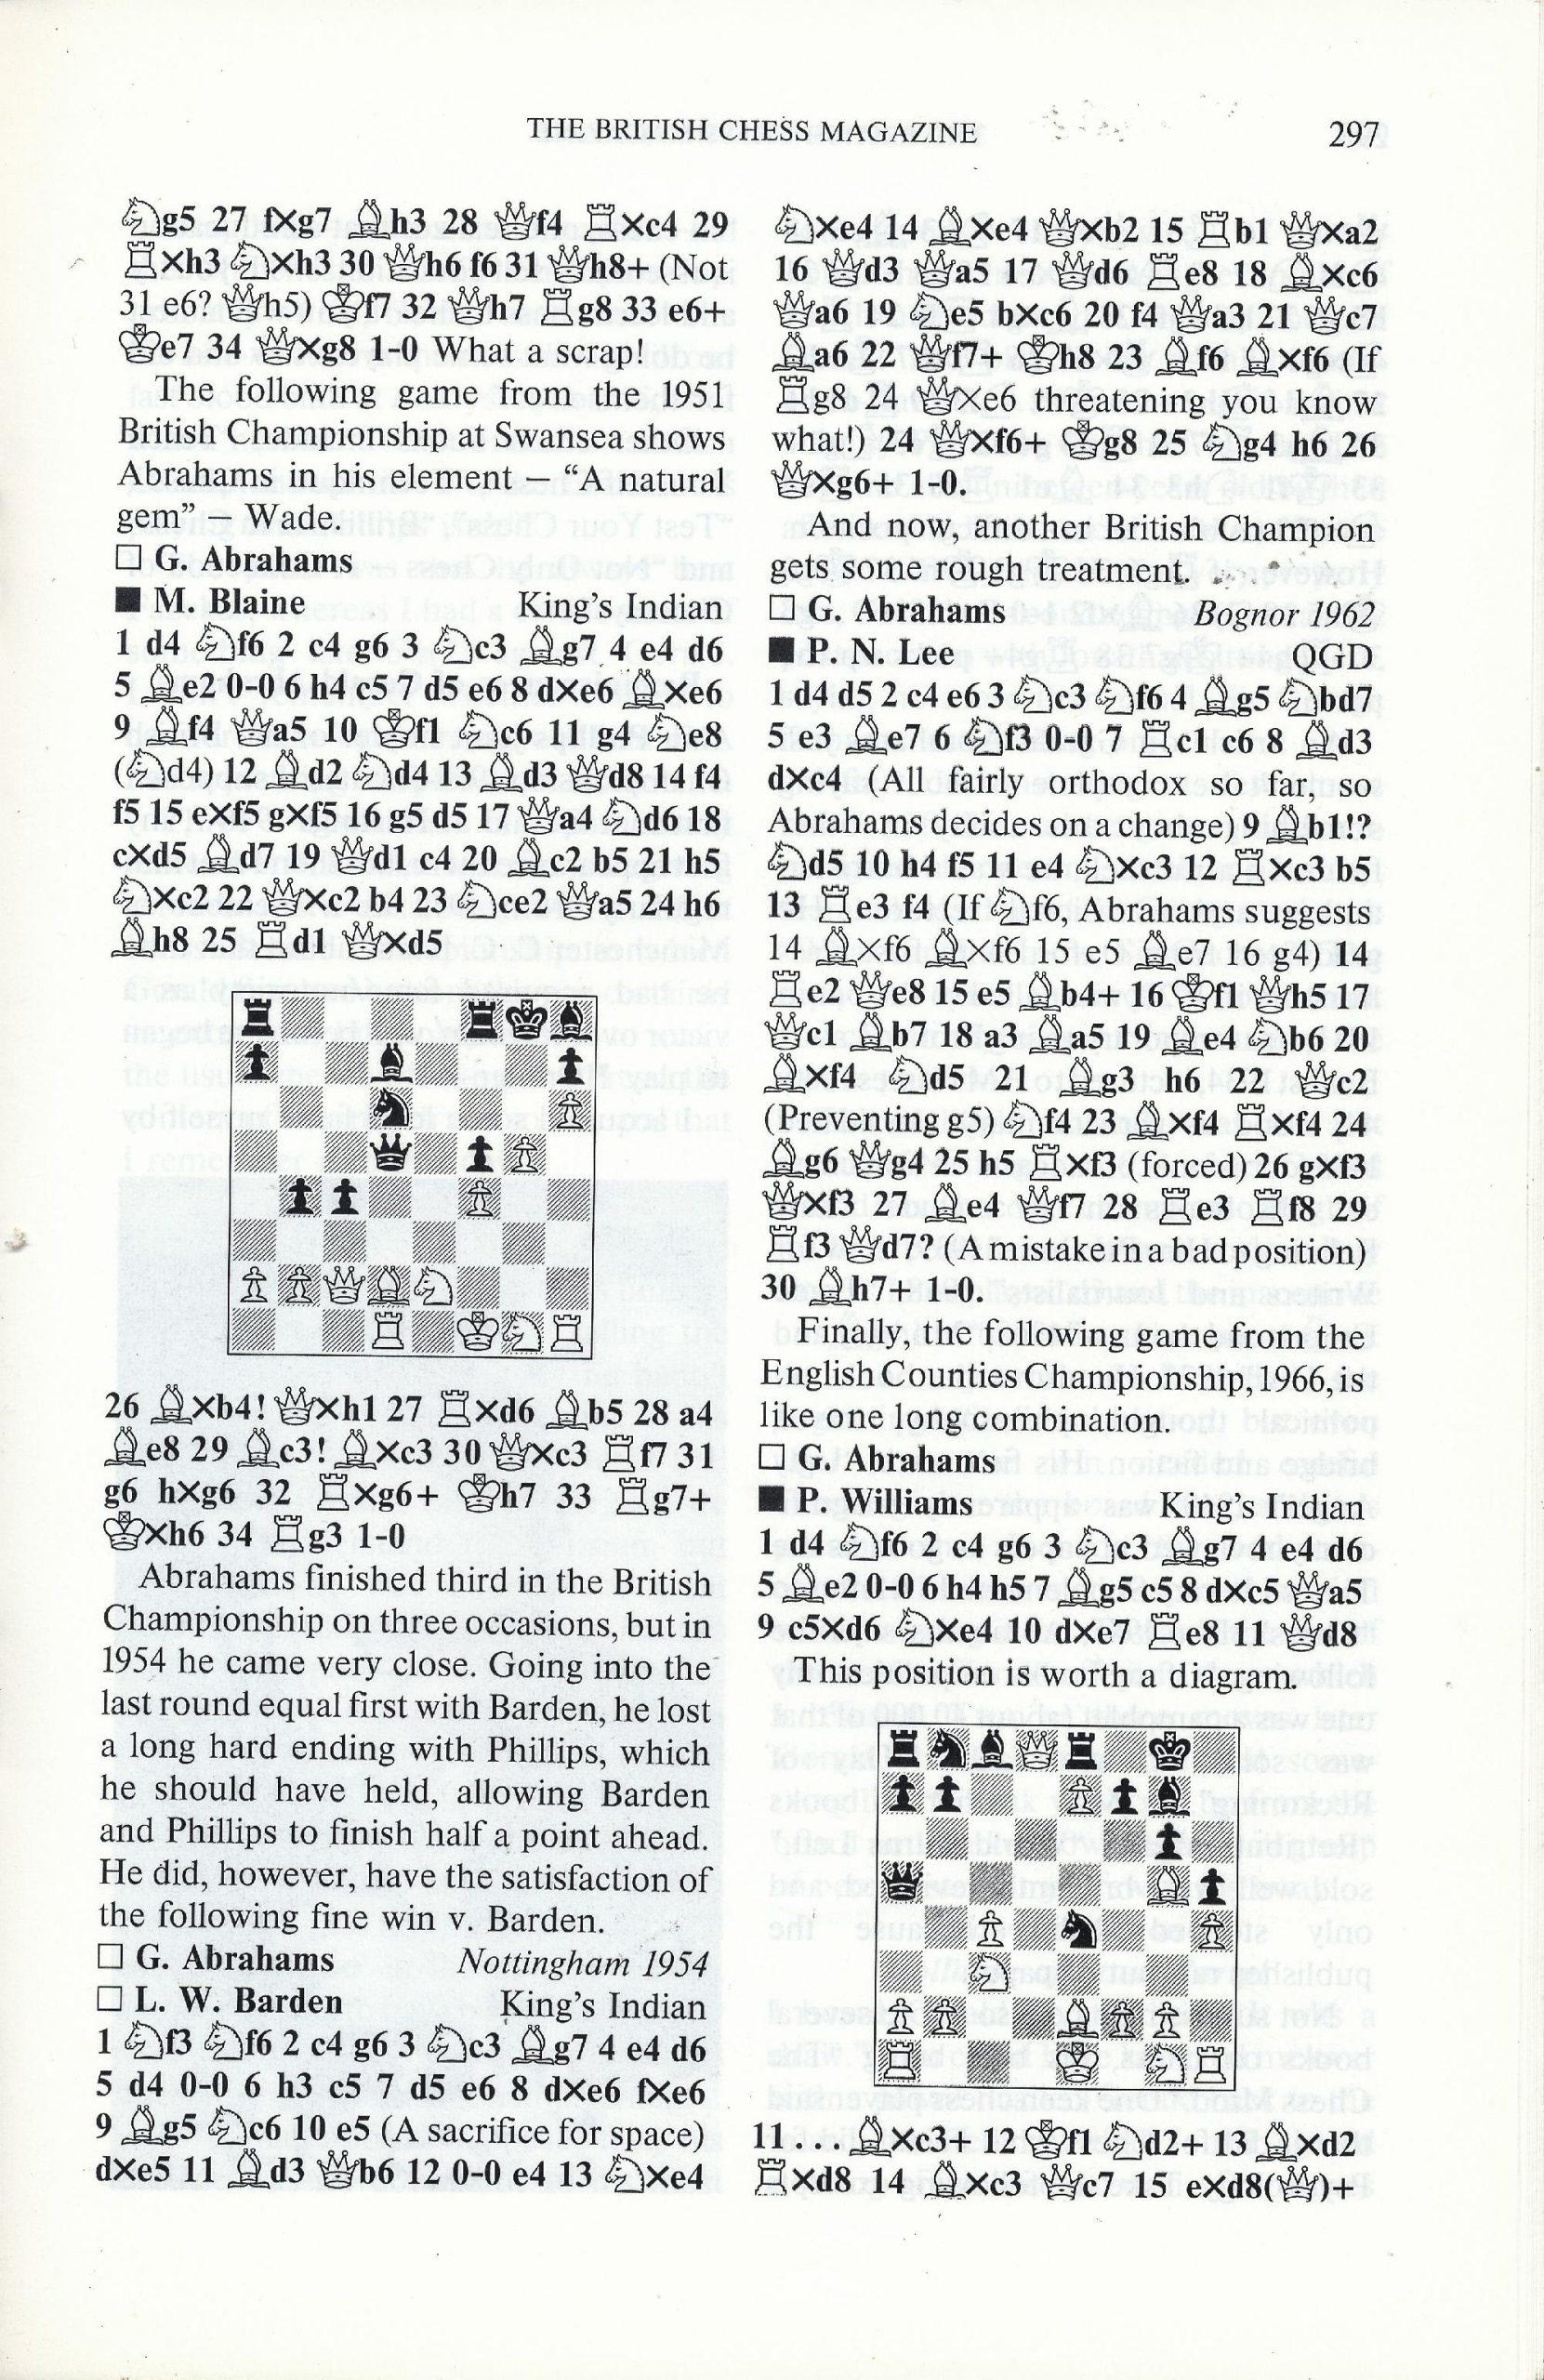 British Chess Magazine, Volume CVIII (1988), Number 7 (July), pp. 297